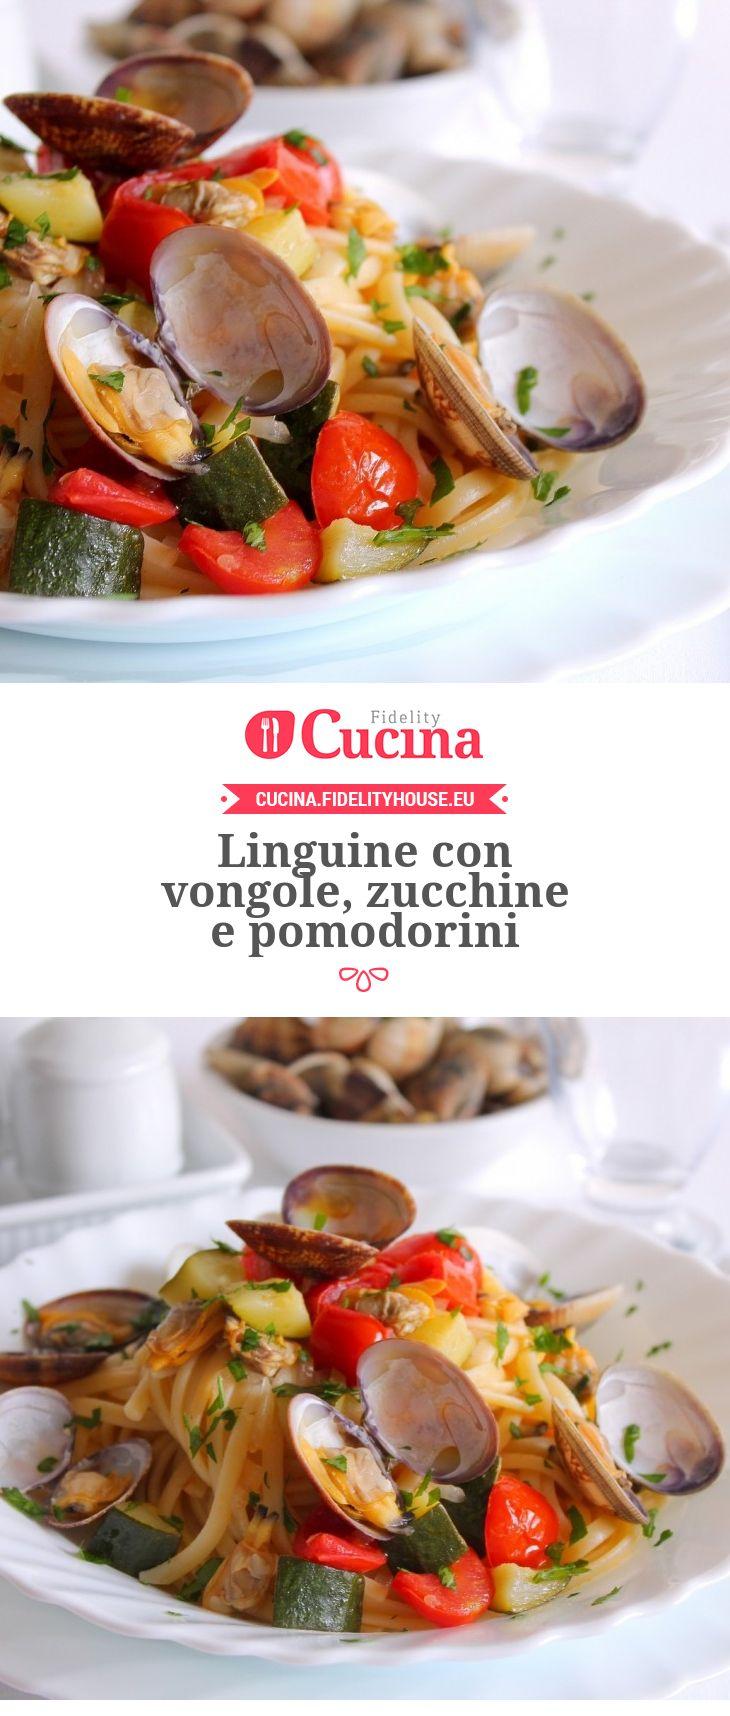 Linguine con #vongole, #zucchine e #pomodorini della nostra utente Giovanna. Unisciti alla nostra Community ed invia le tue ricette!